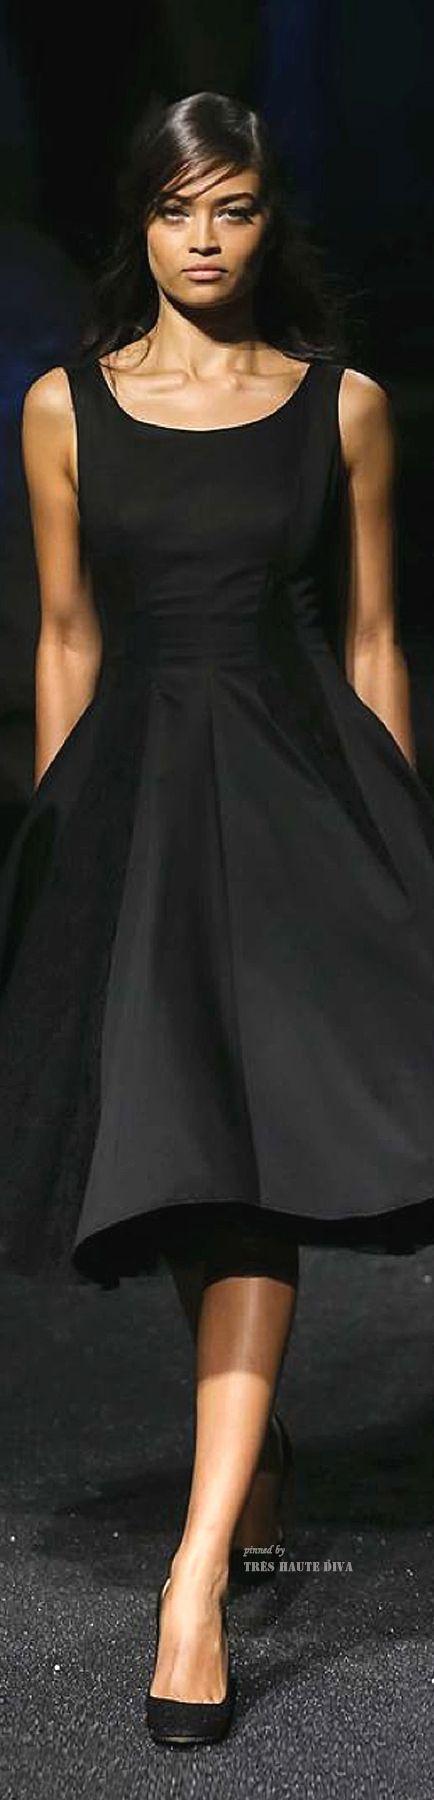 VESTIDOS CLÁSICOS DE CÓCTEL EN NEGRO PARA ESTE VERANO Hola Chicas!!! Tienes una salida a una fiesta y quieres verte elegante, te recomiendo un vestido de cóctel en color negro que siempre sera un acierto, en la tiendas encontraras vestidos muy bonitos de diferentes precios